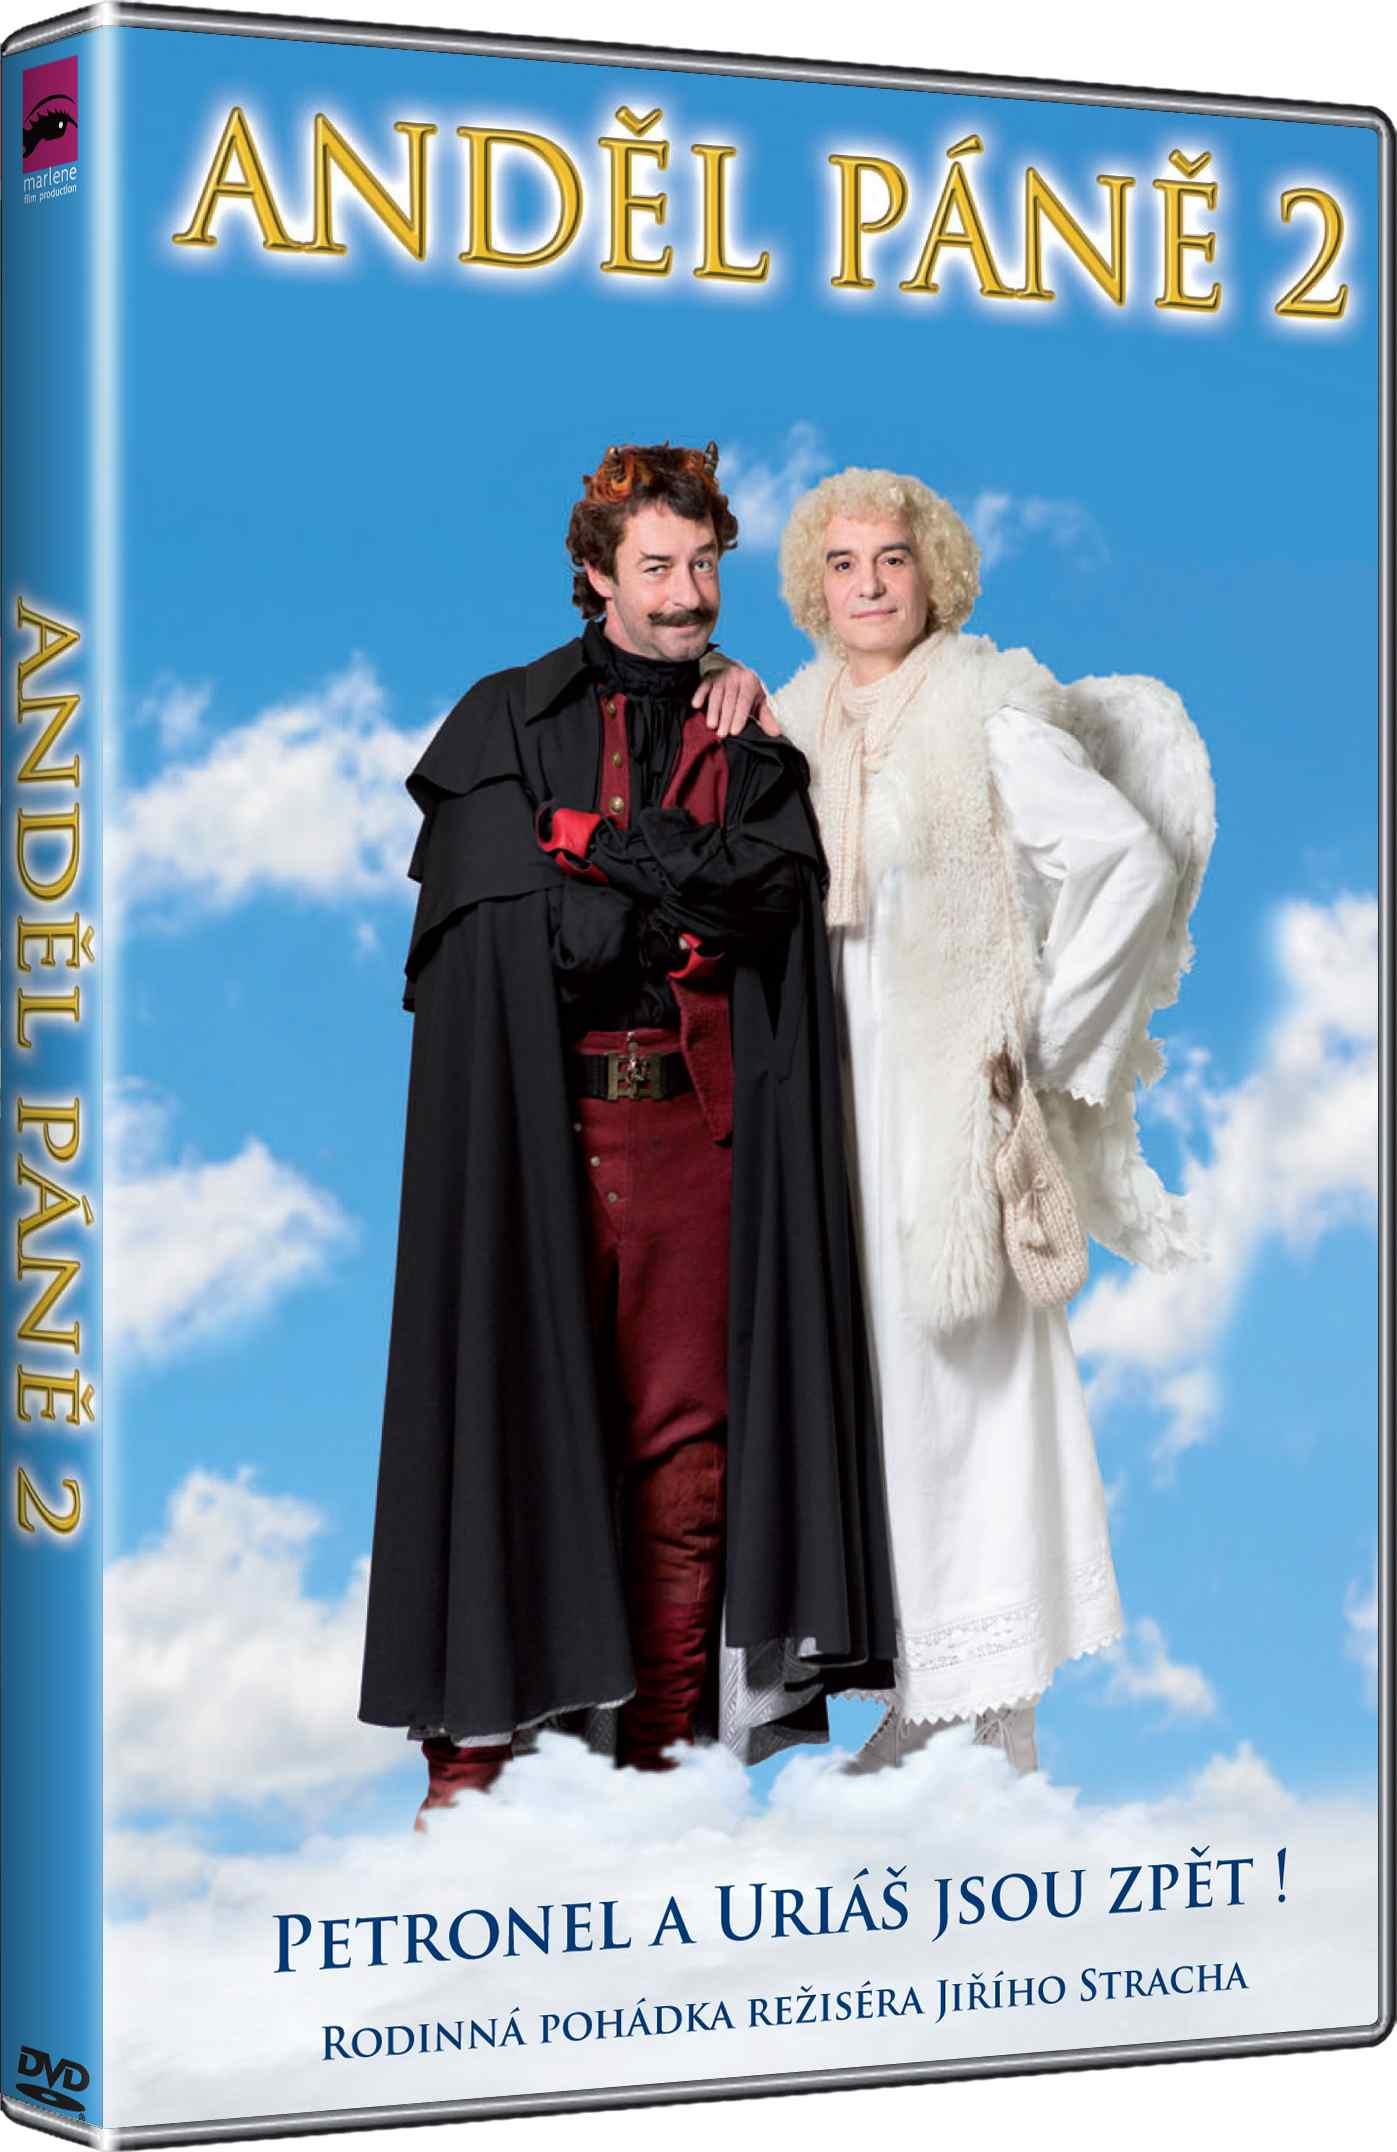 ANDĚL PÁNĚ 2 - DVD